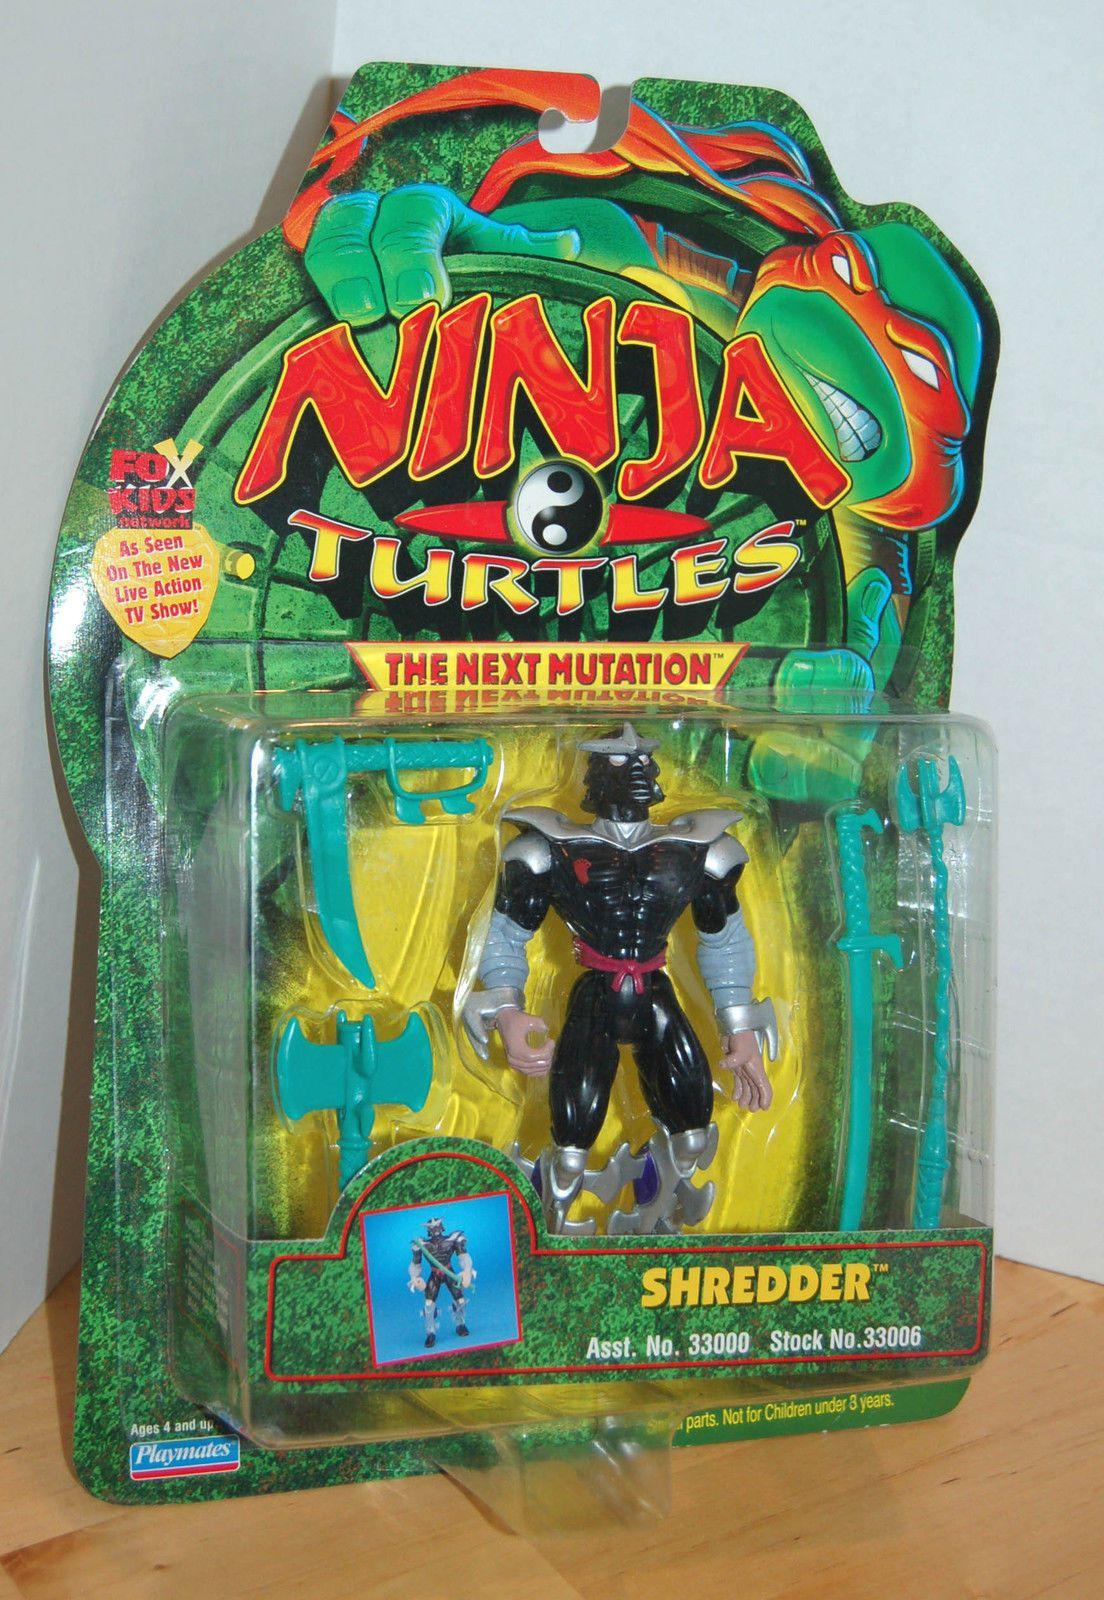 The Ninja Turtles Next Mutation Toys : Vintage tmnt teenage mutant ninja turtles shredder figure